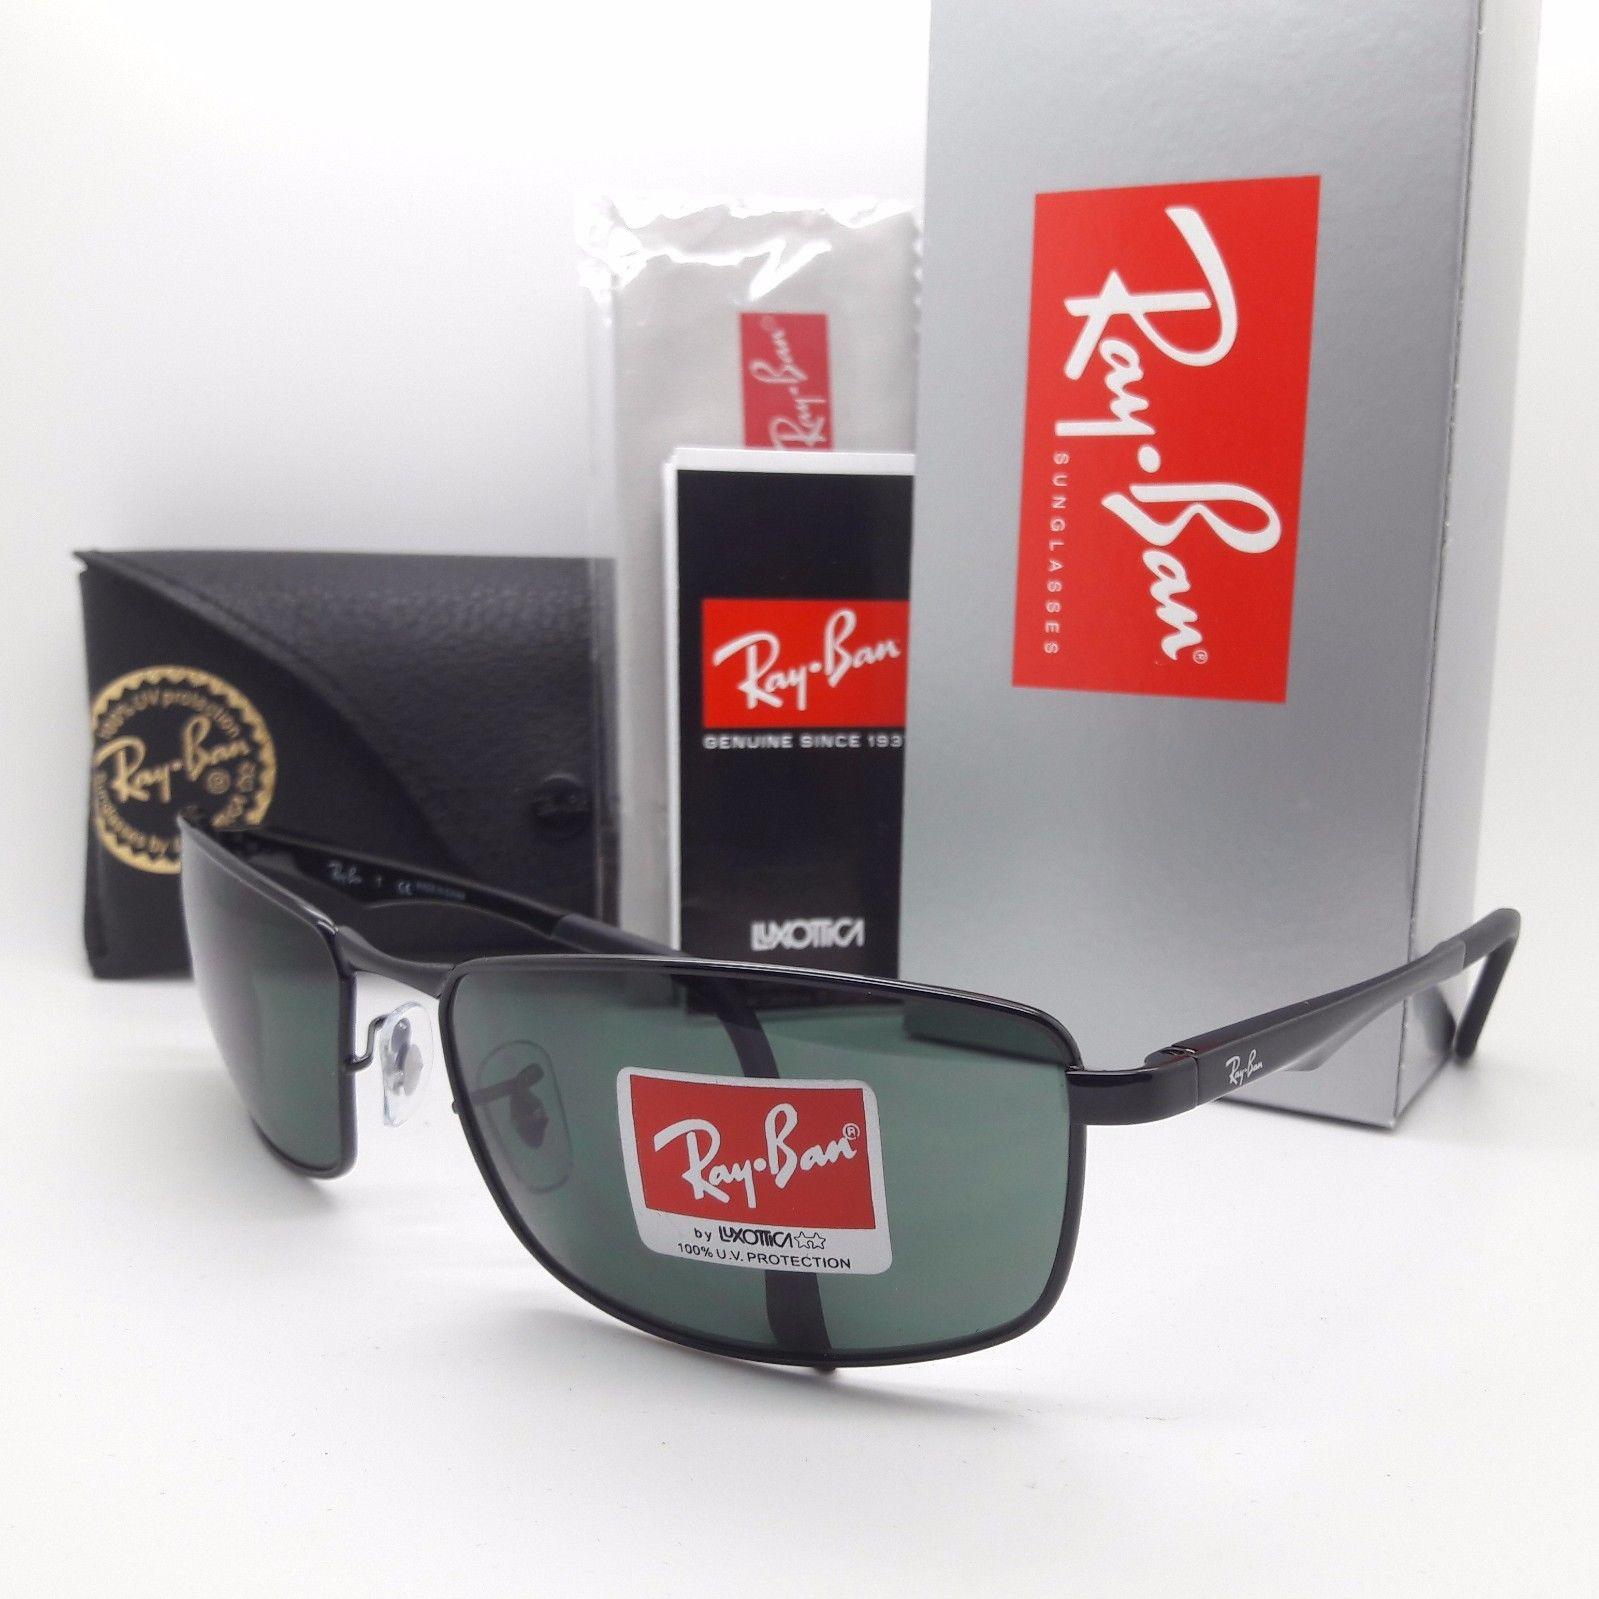 Ray Ban RB3498 002/71 Black Green G15